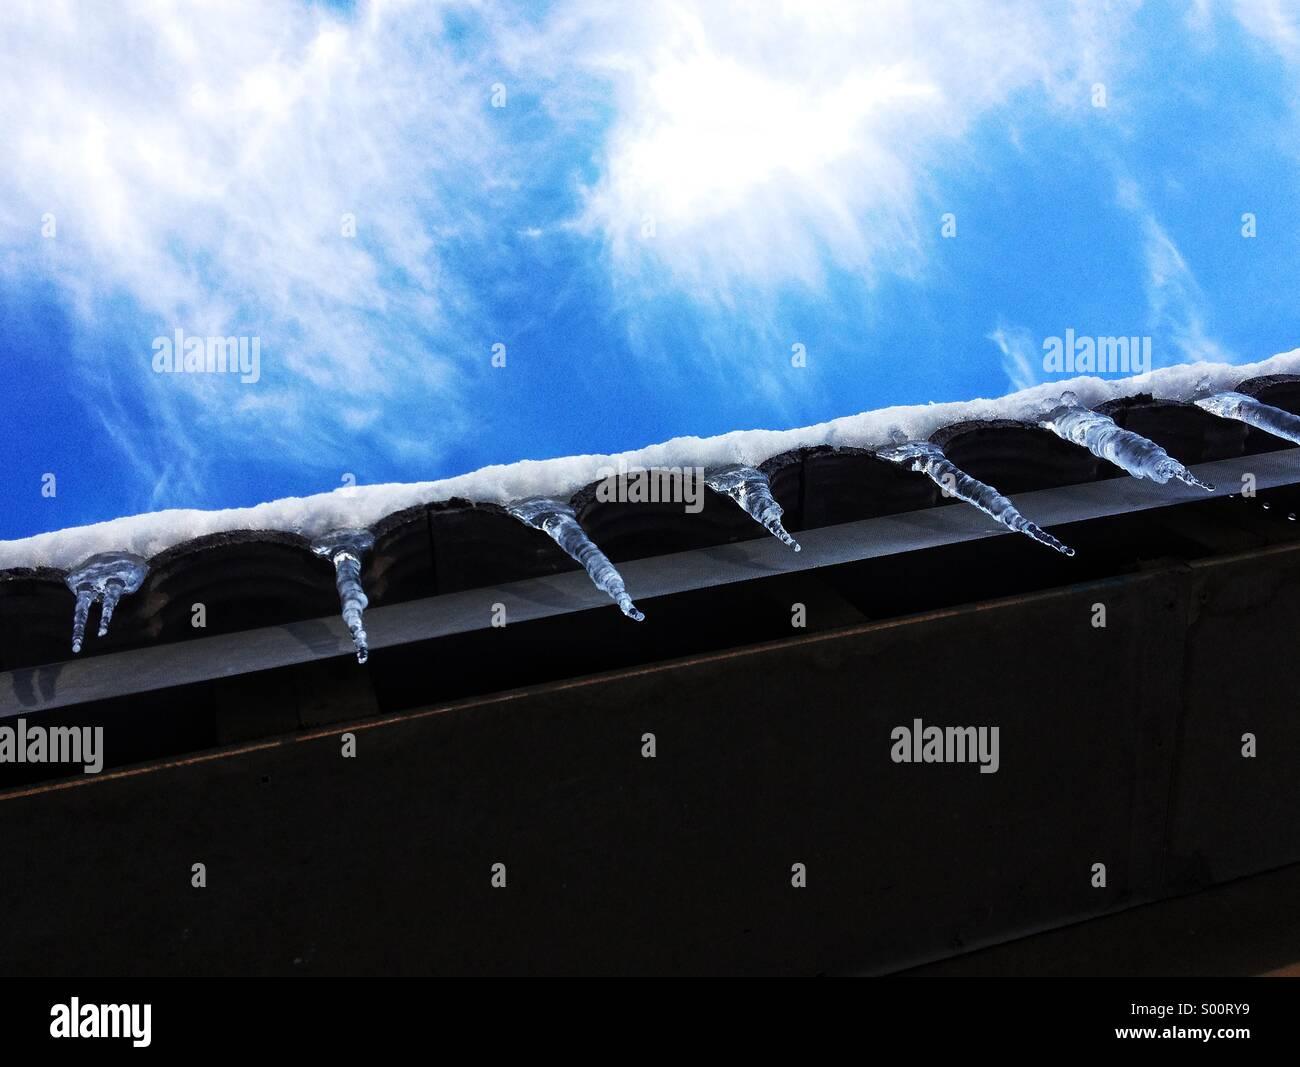 Glaçons sur le toit Banque D'Images